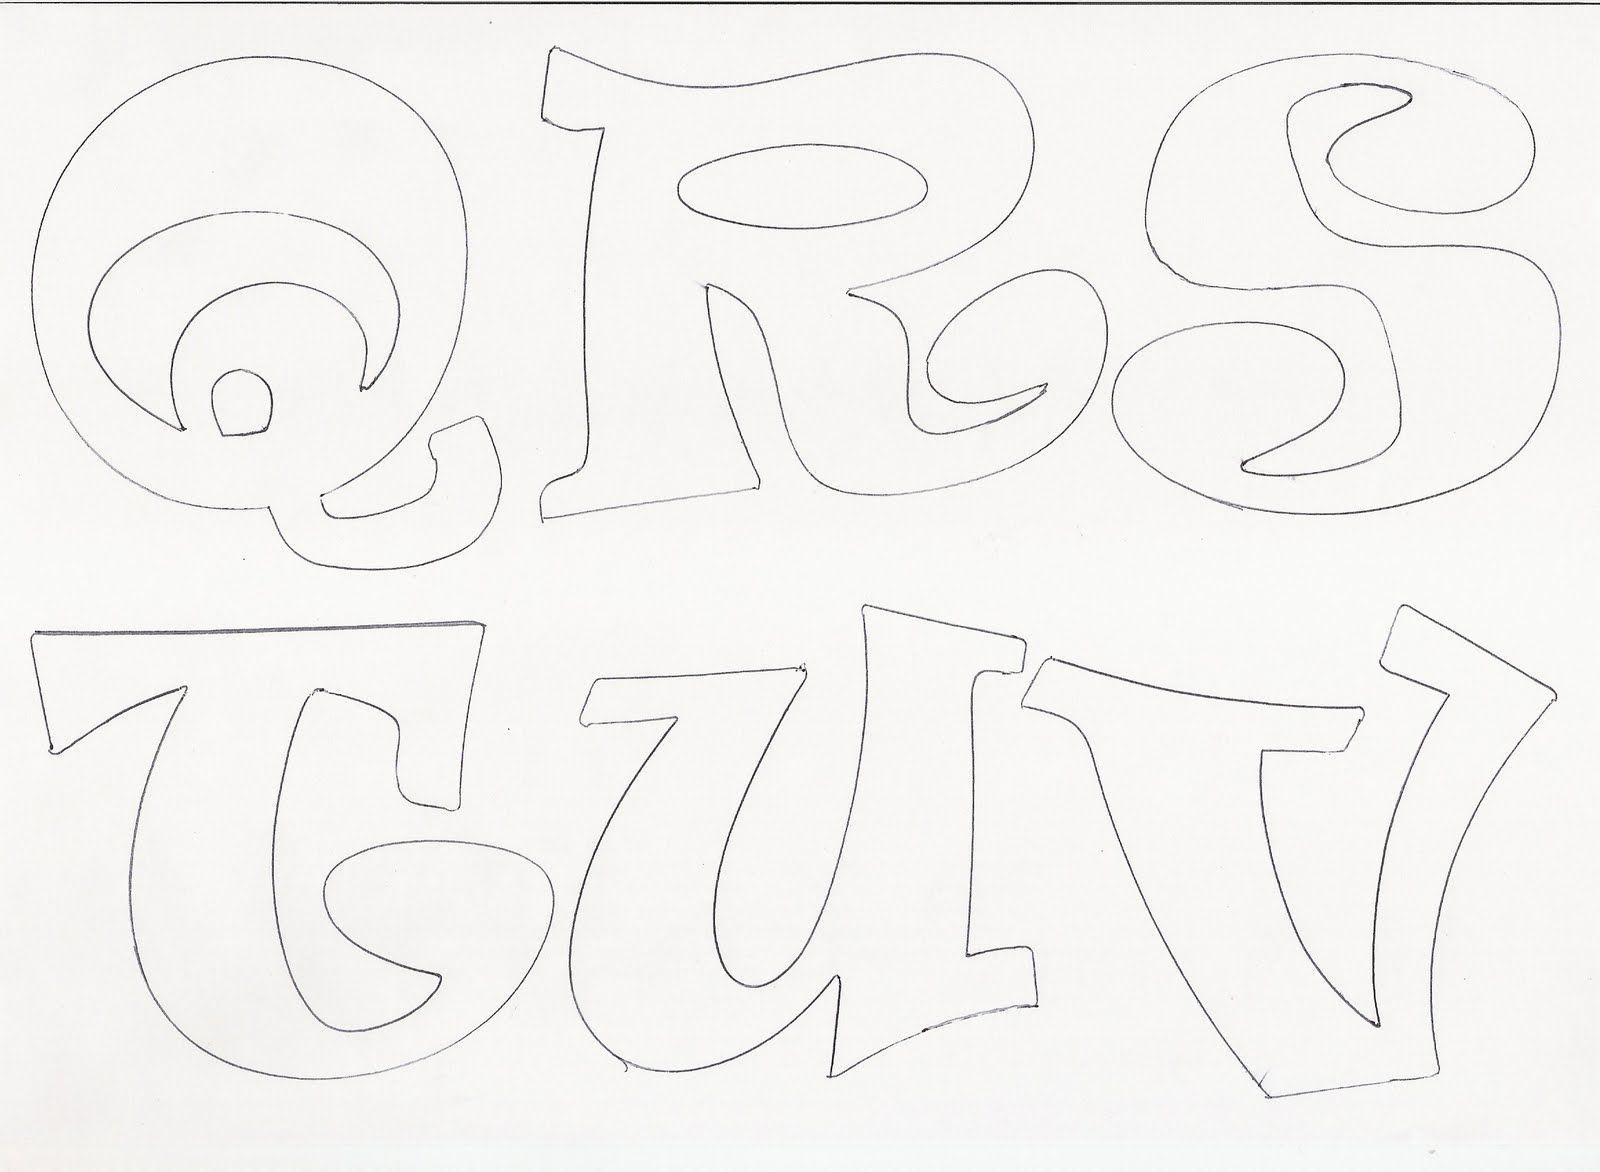 Los Moldes De Letras Para Colorear | Graffiti Graffiti 4 CM | letras ...